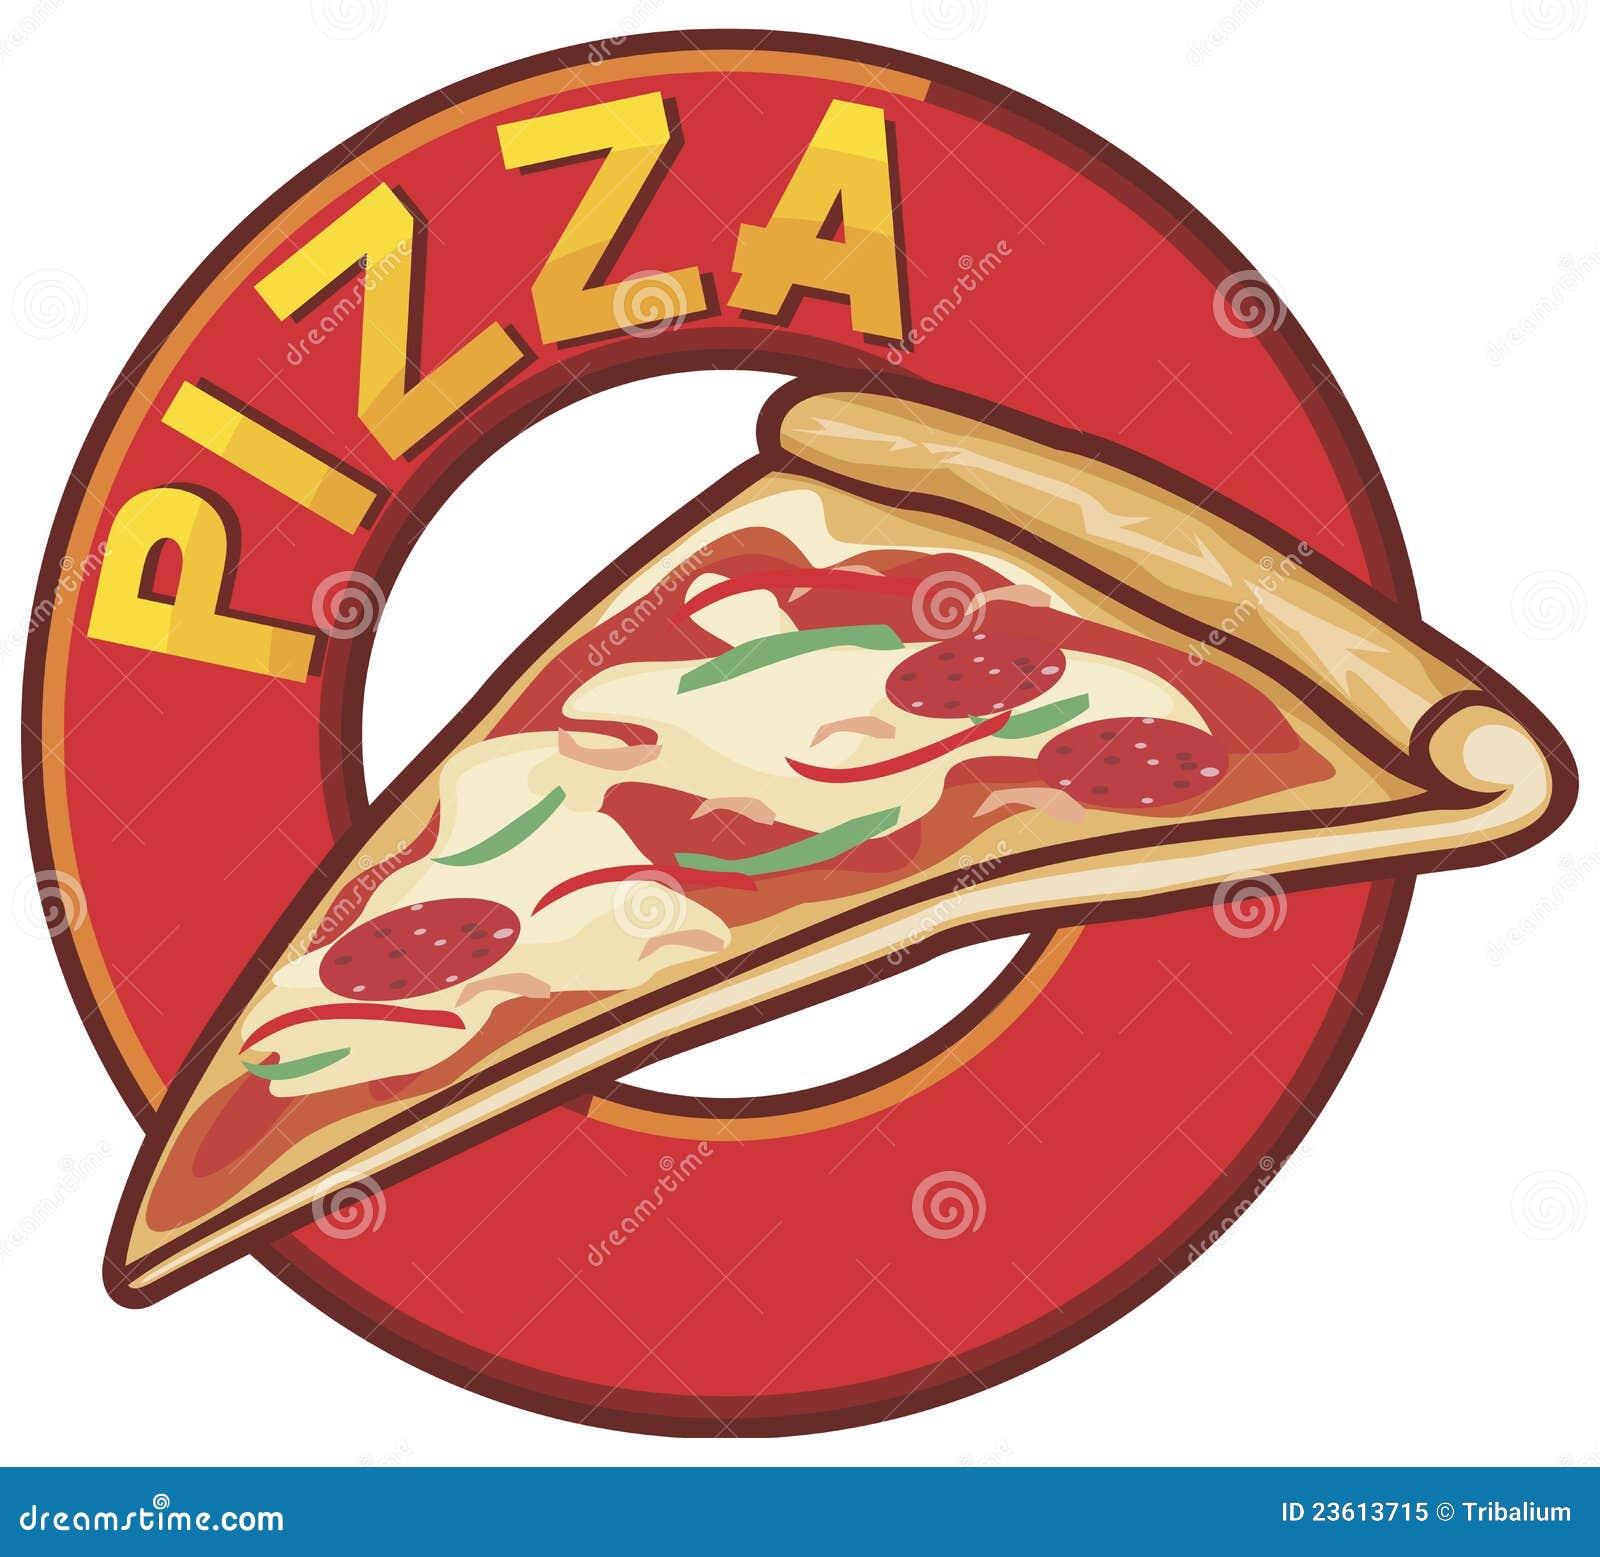 annunci pubblicitari per pizza fetta di pizza mr no pr no 2 1795 2